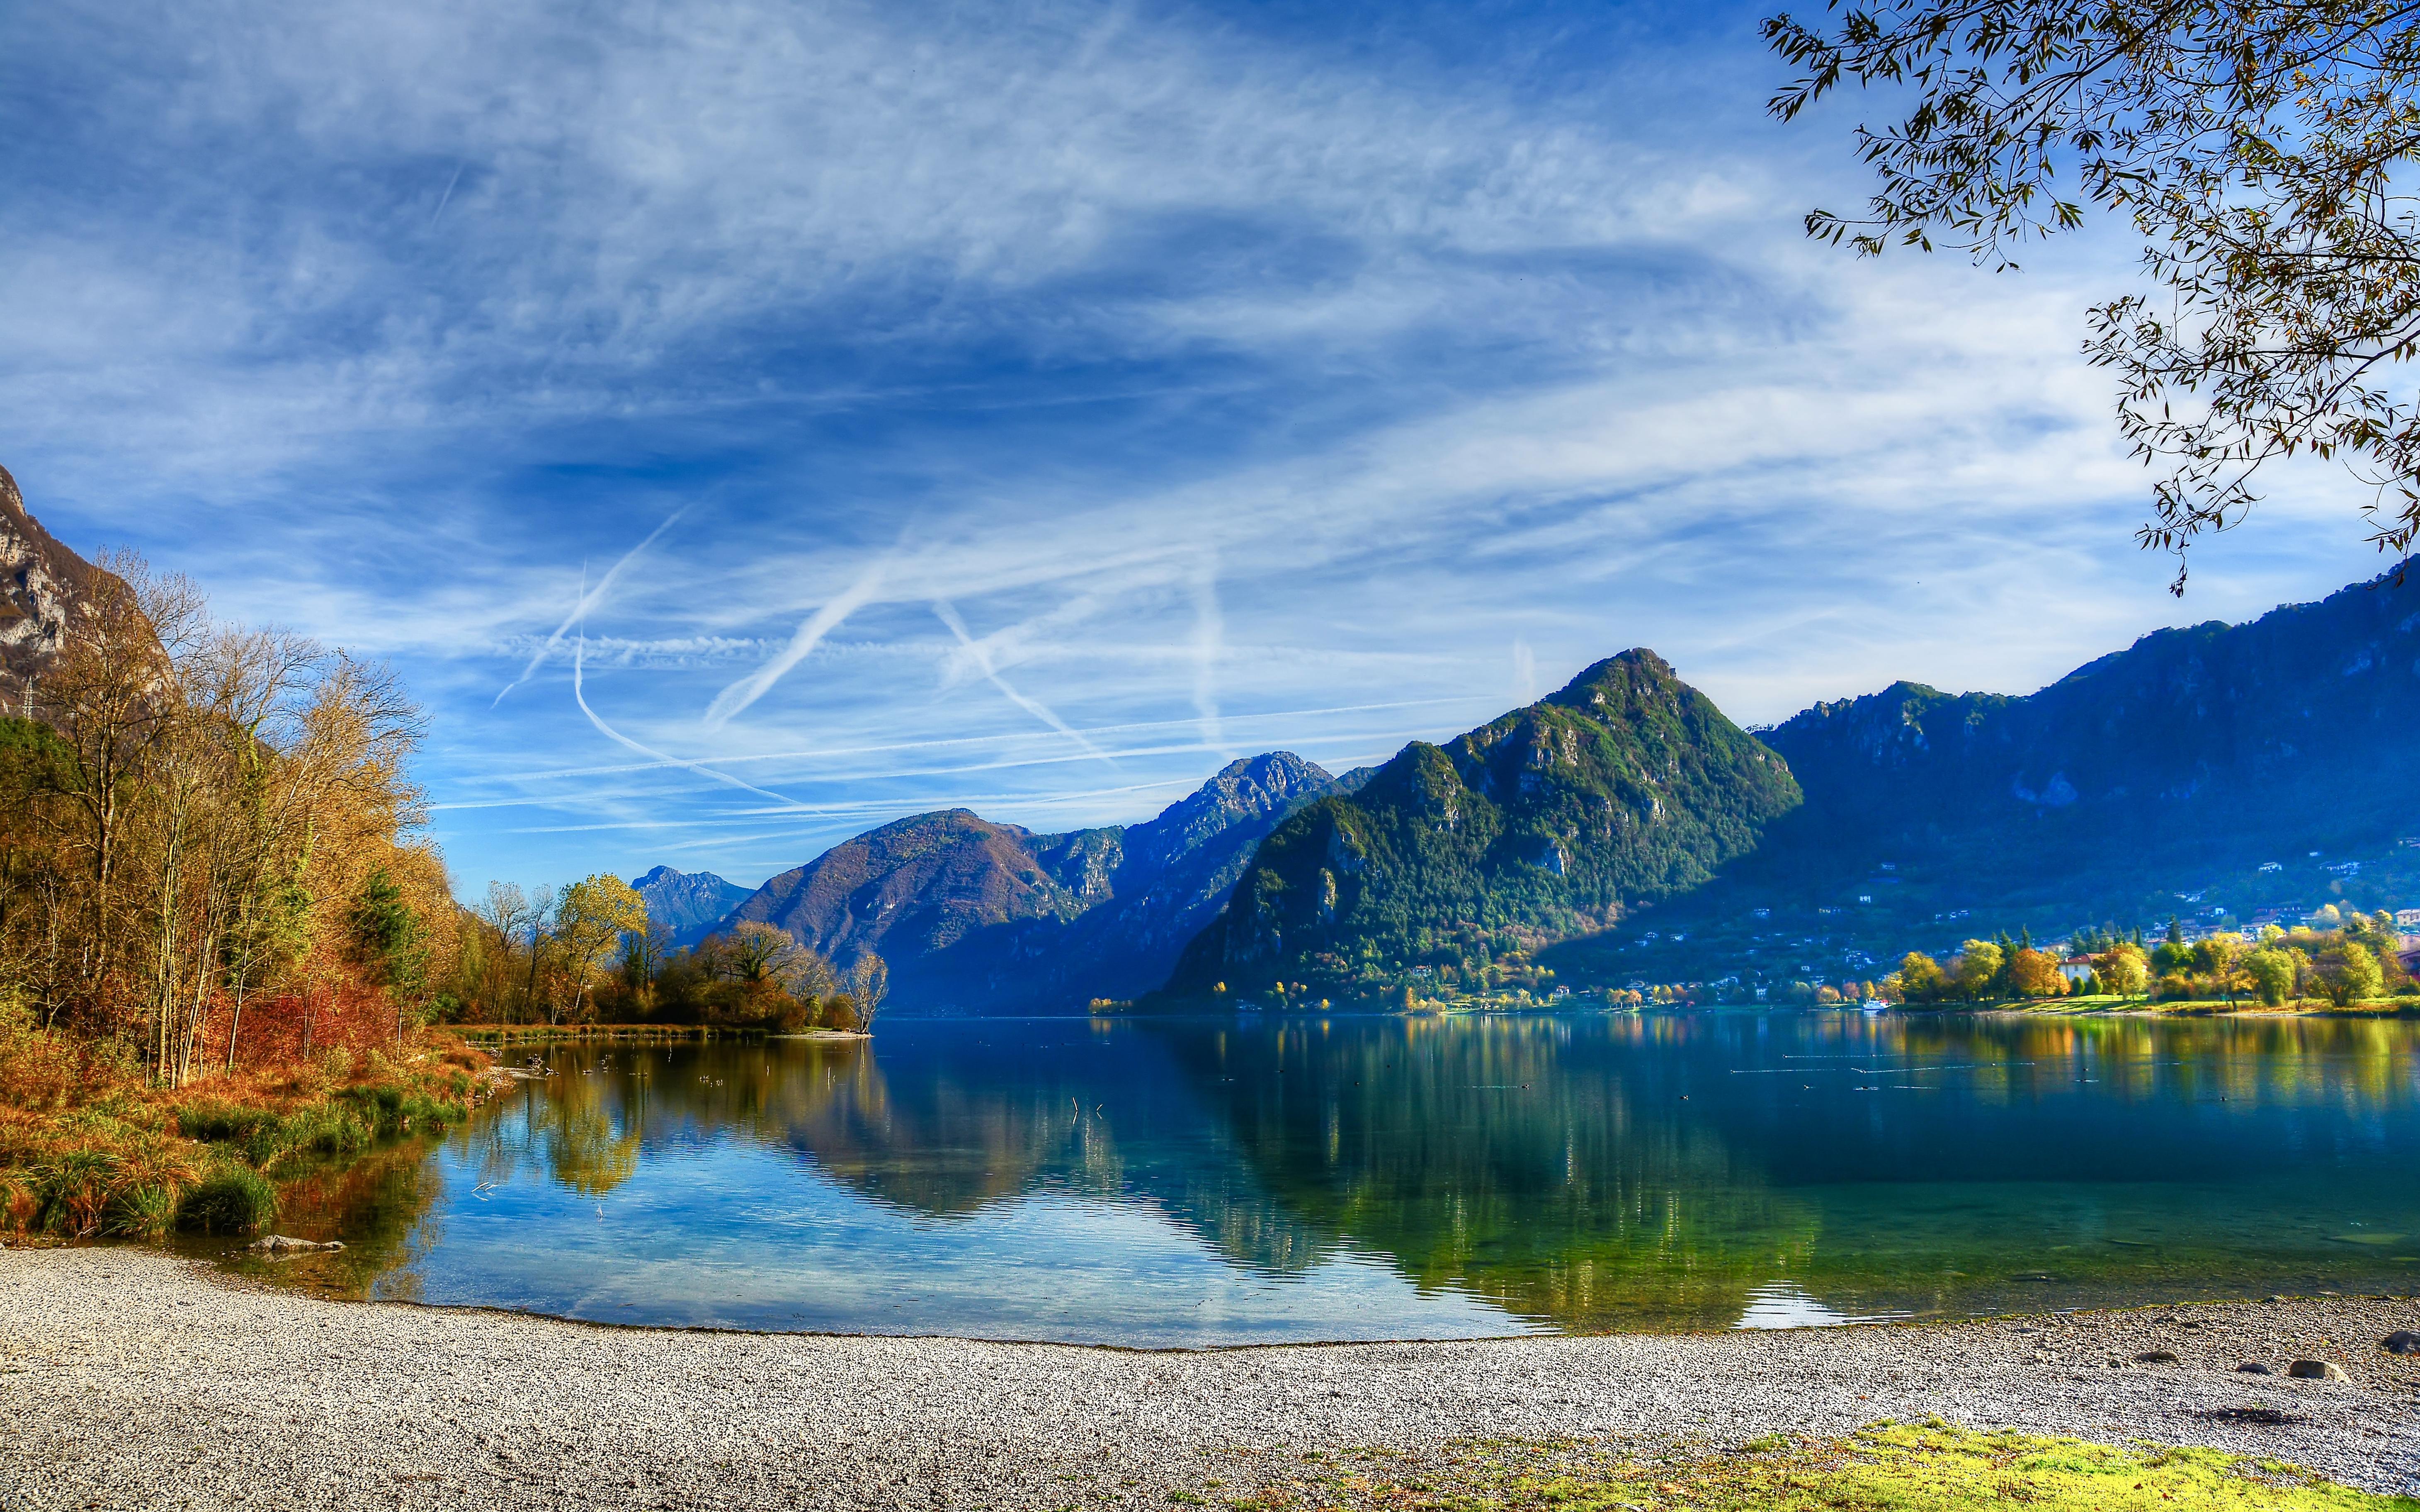 обои Идро, пресное озеро ледникового происхождения, Италия, Брешиа картинки фото